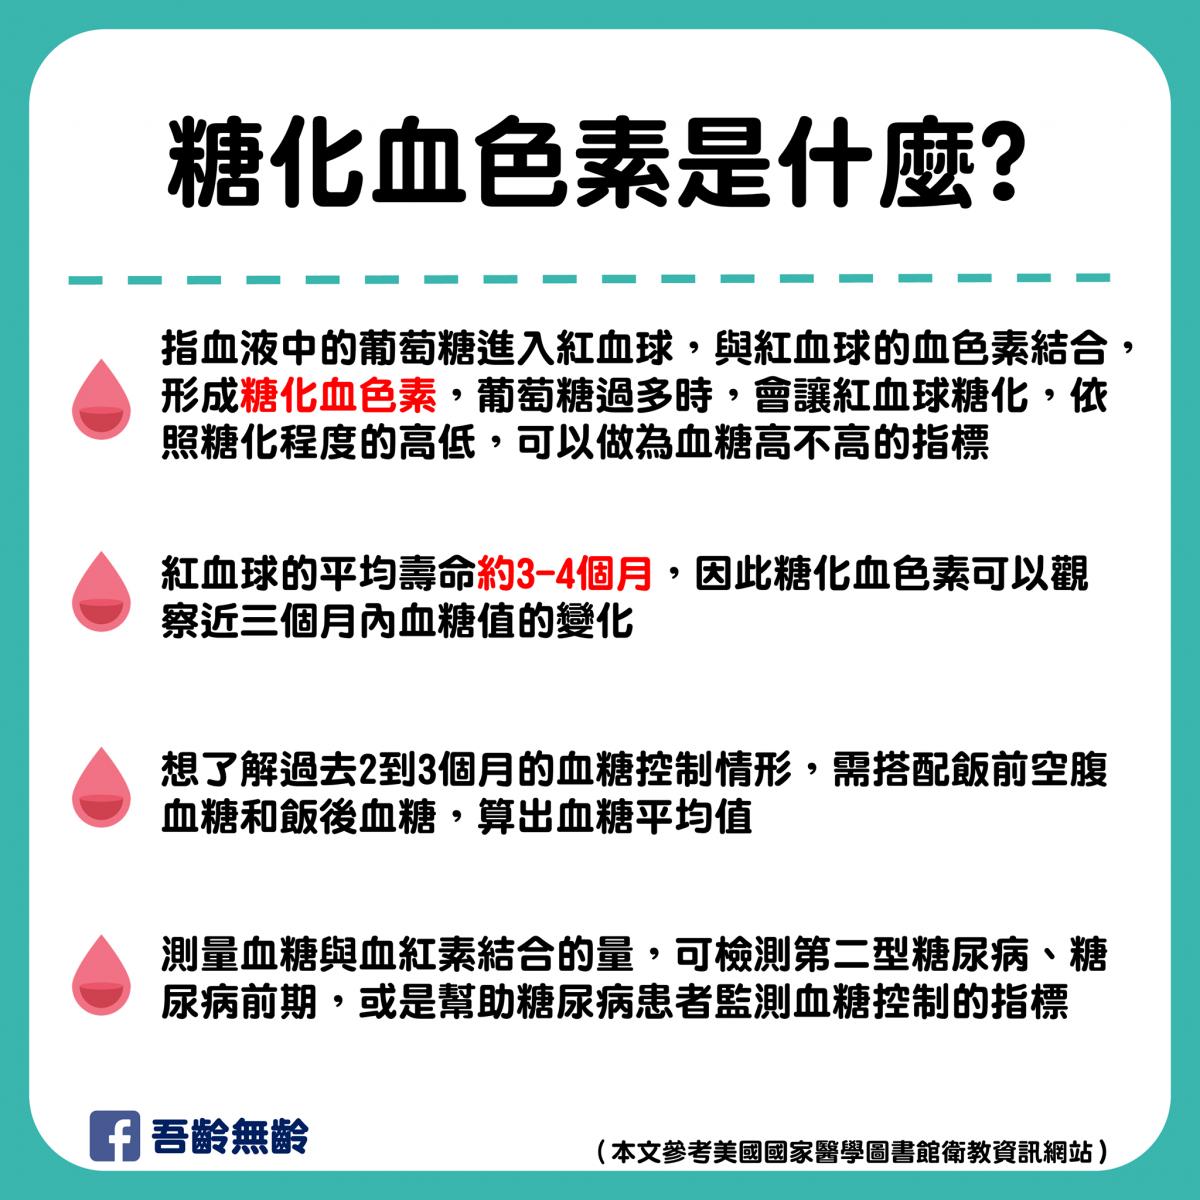 糖化血色素是什麼